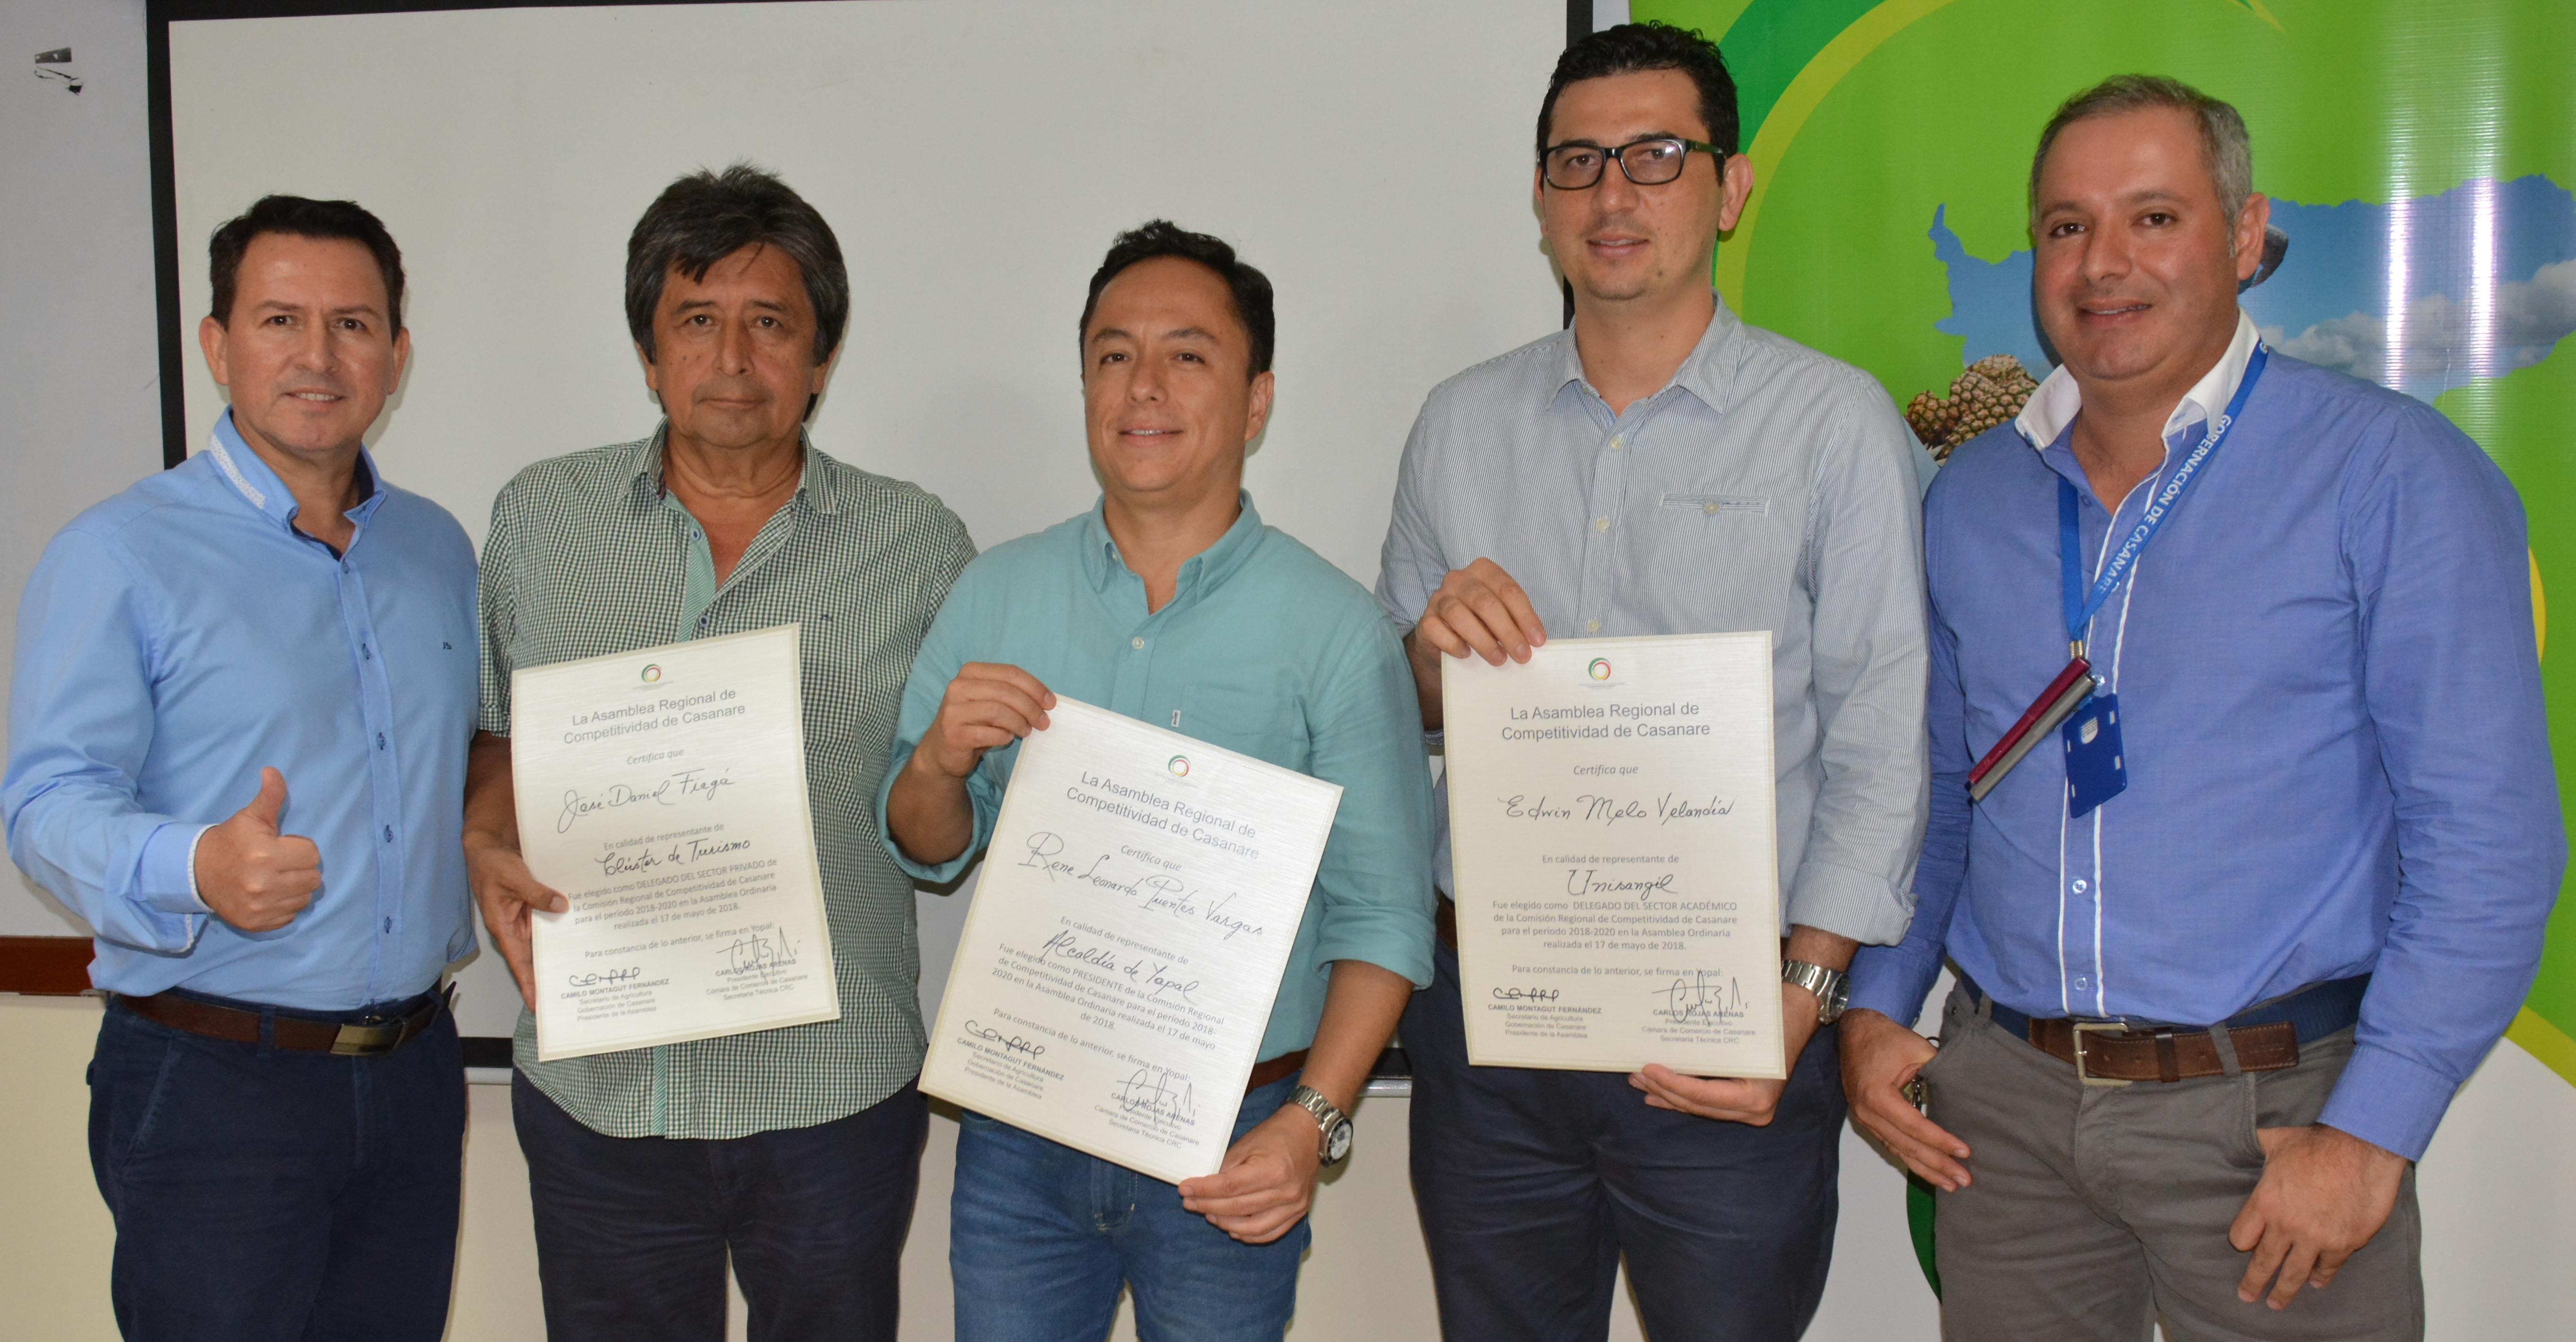 Leonardo Puentes elegido presidente de  Comisión Regional de Competitividad de Casanare